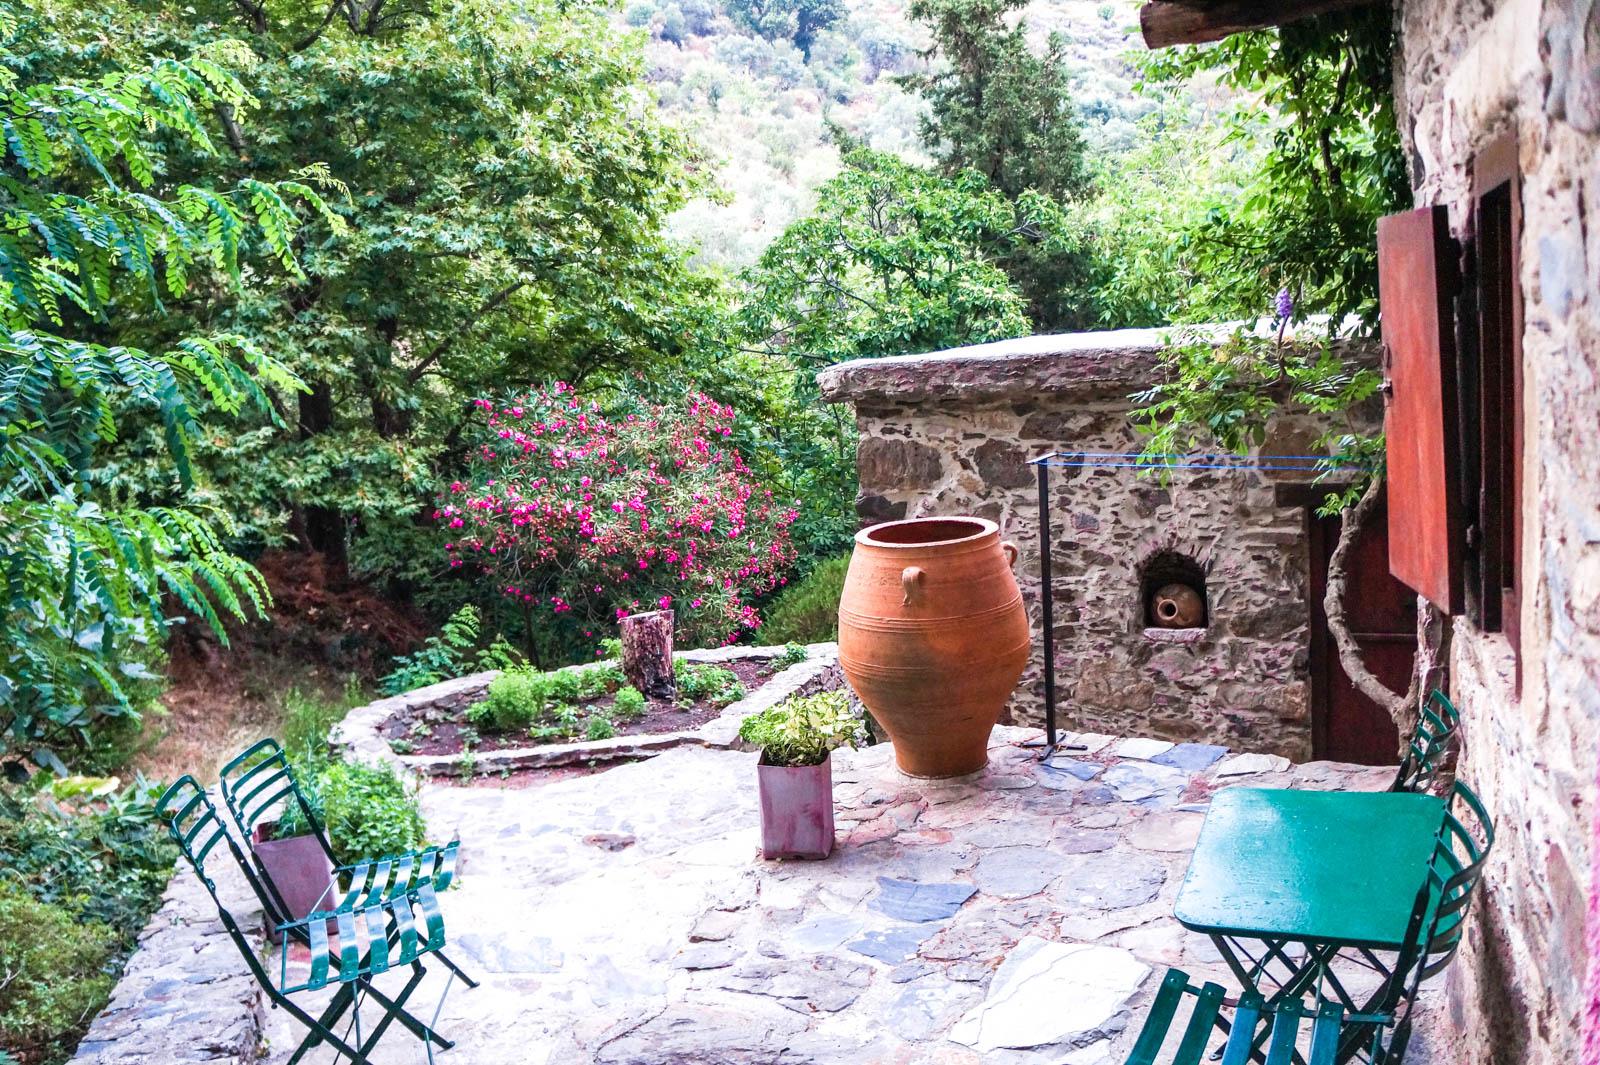 milia-crete-greece-la-vie-en-blog-all-rights-reserved-9